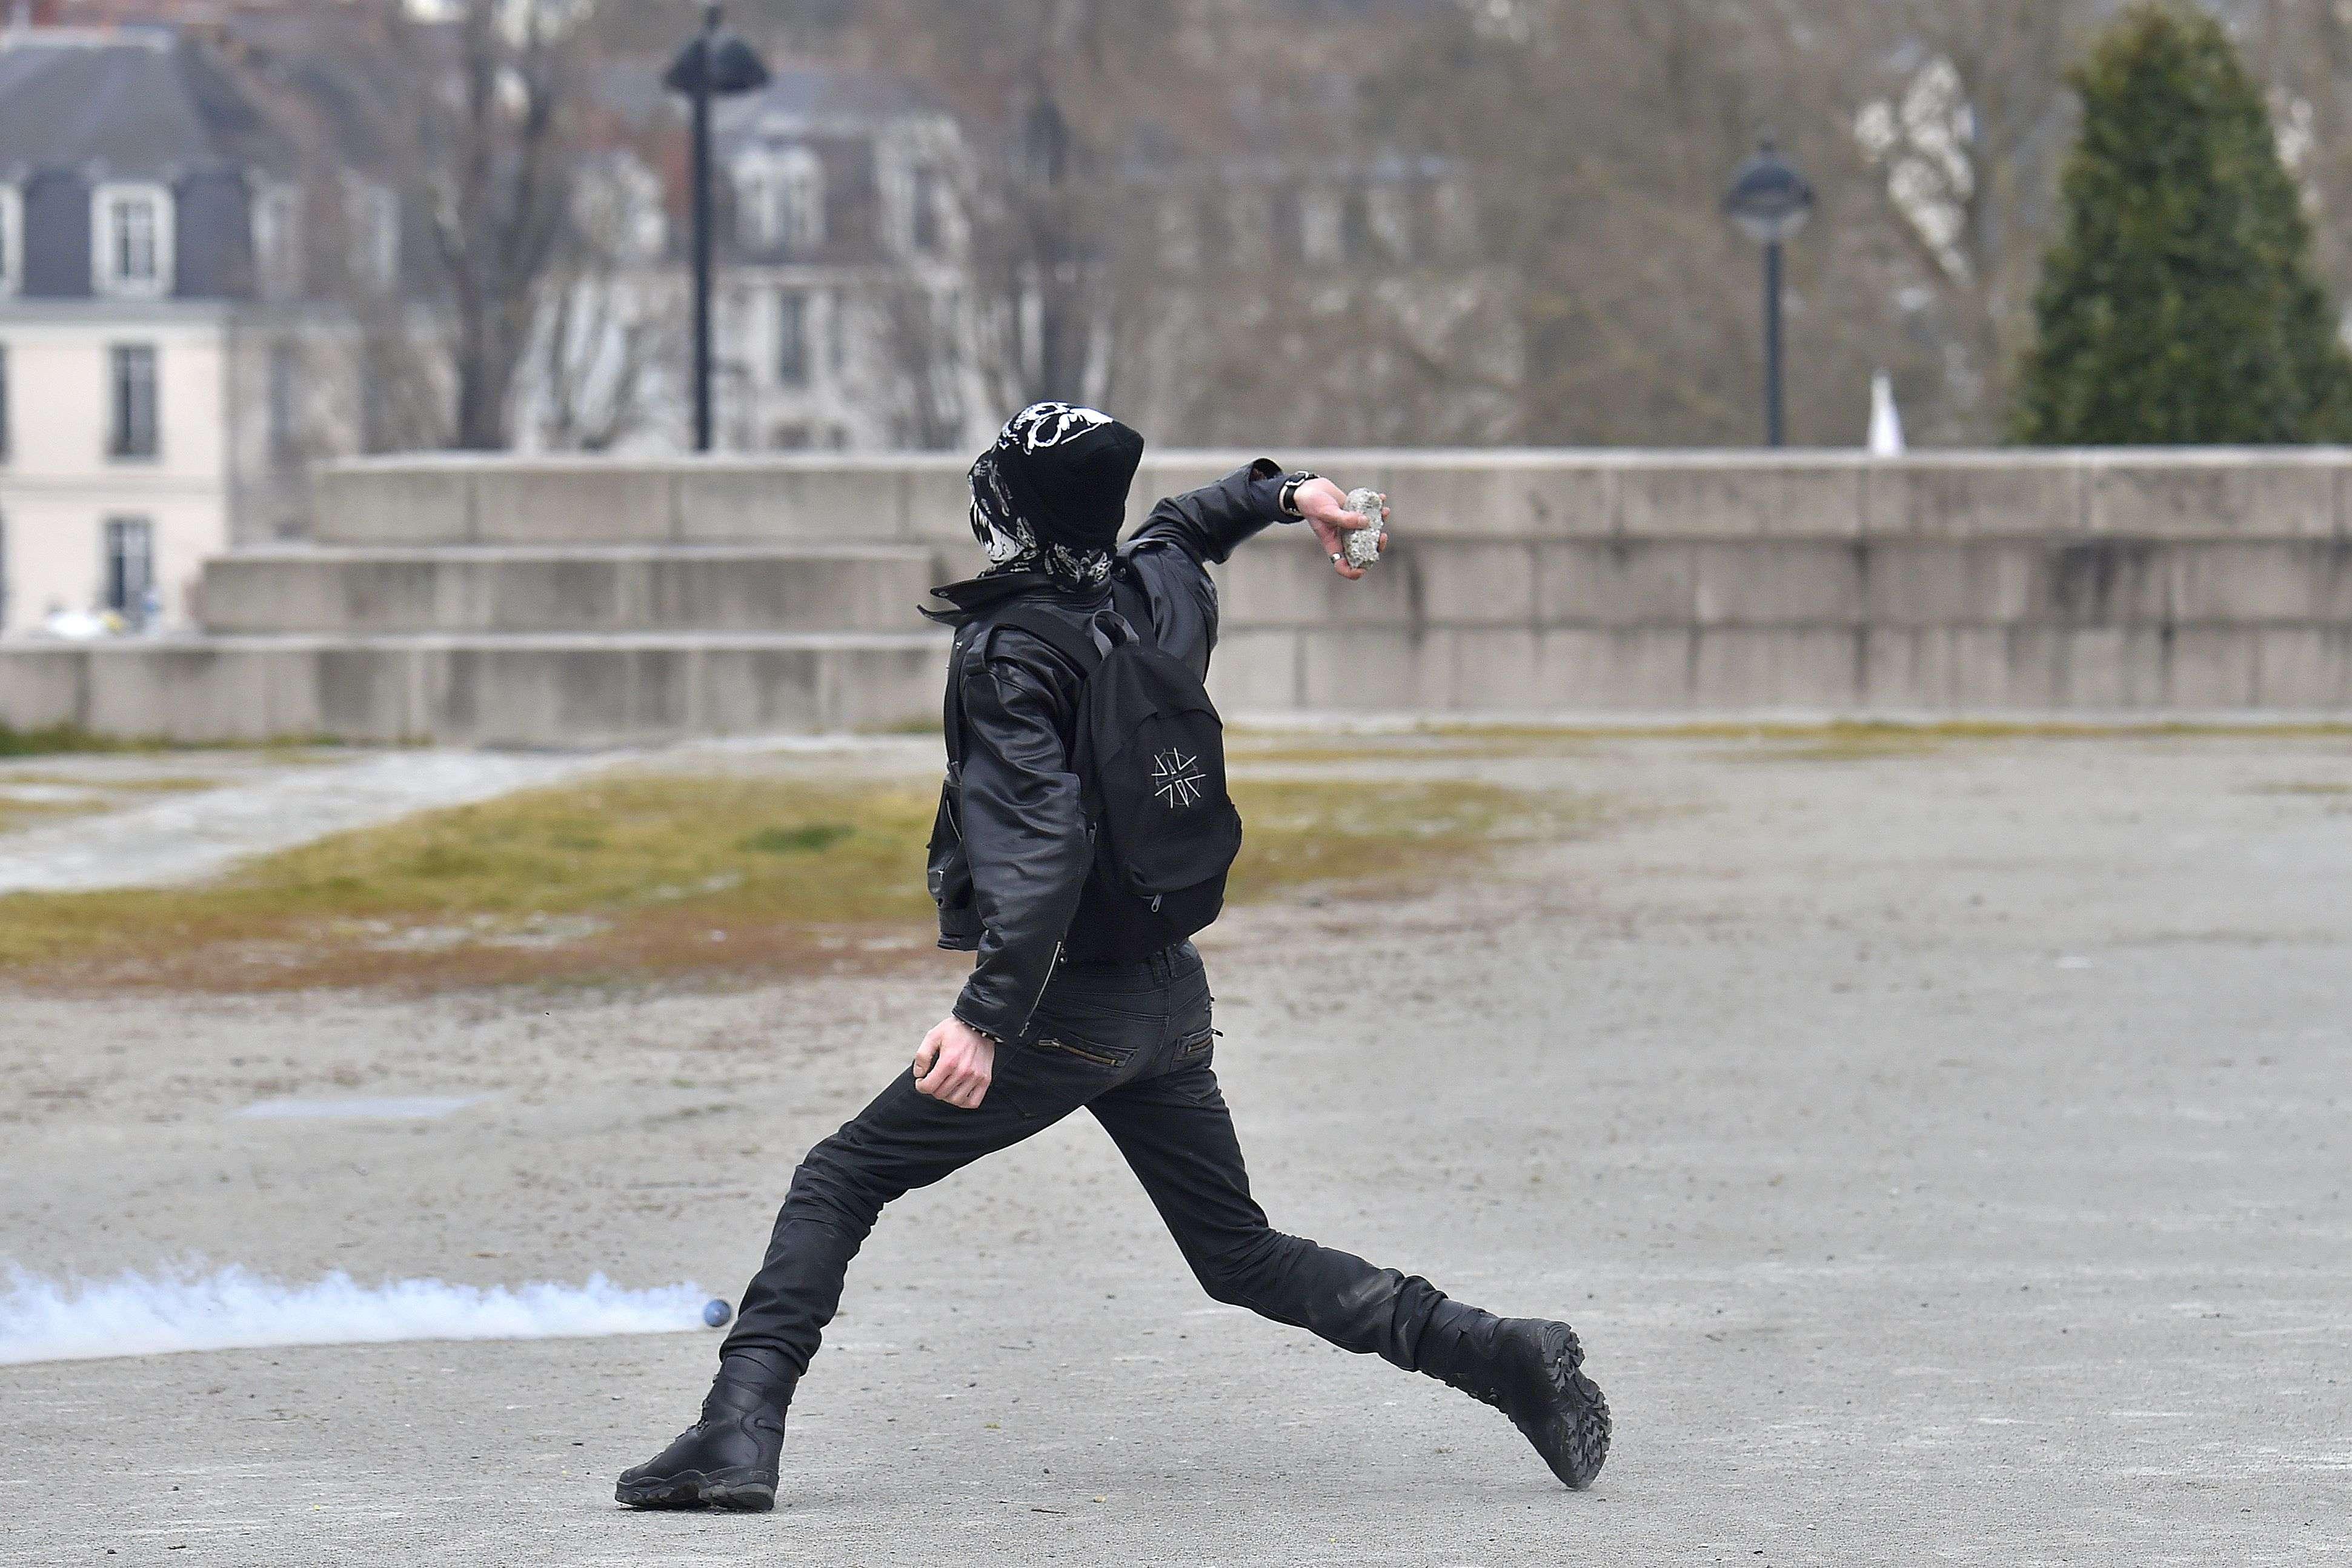 A Nantes, sept jeunes de 16 à 19 ans ont été interpellés après des jets de pierres contre les forces de l'ordre, près de l'université.